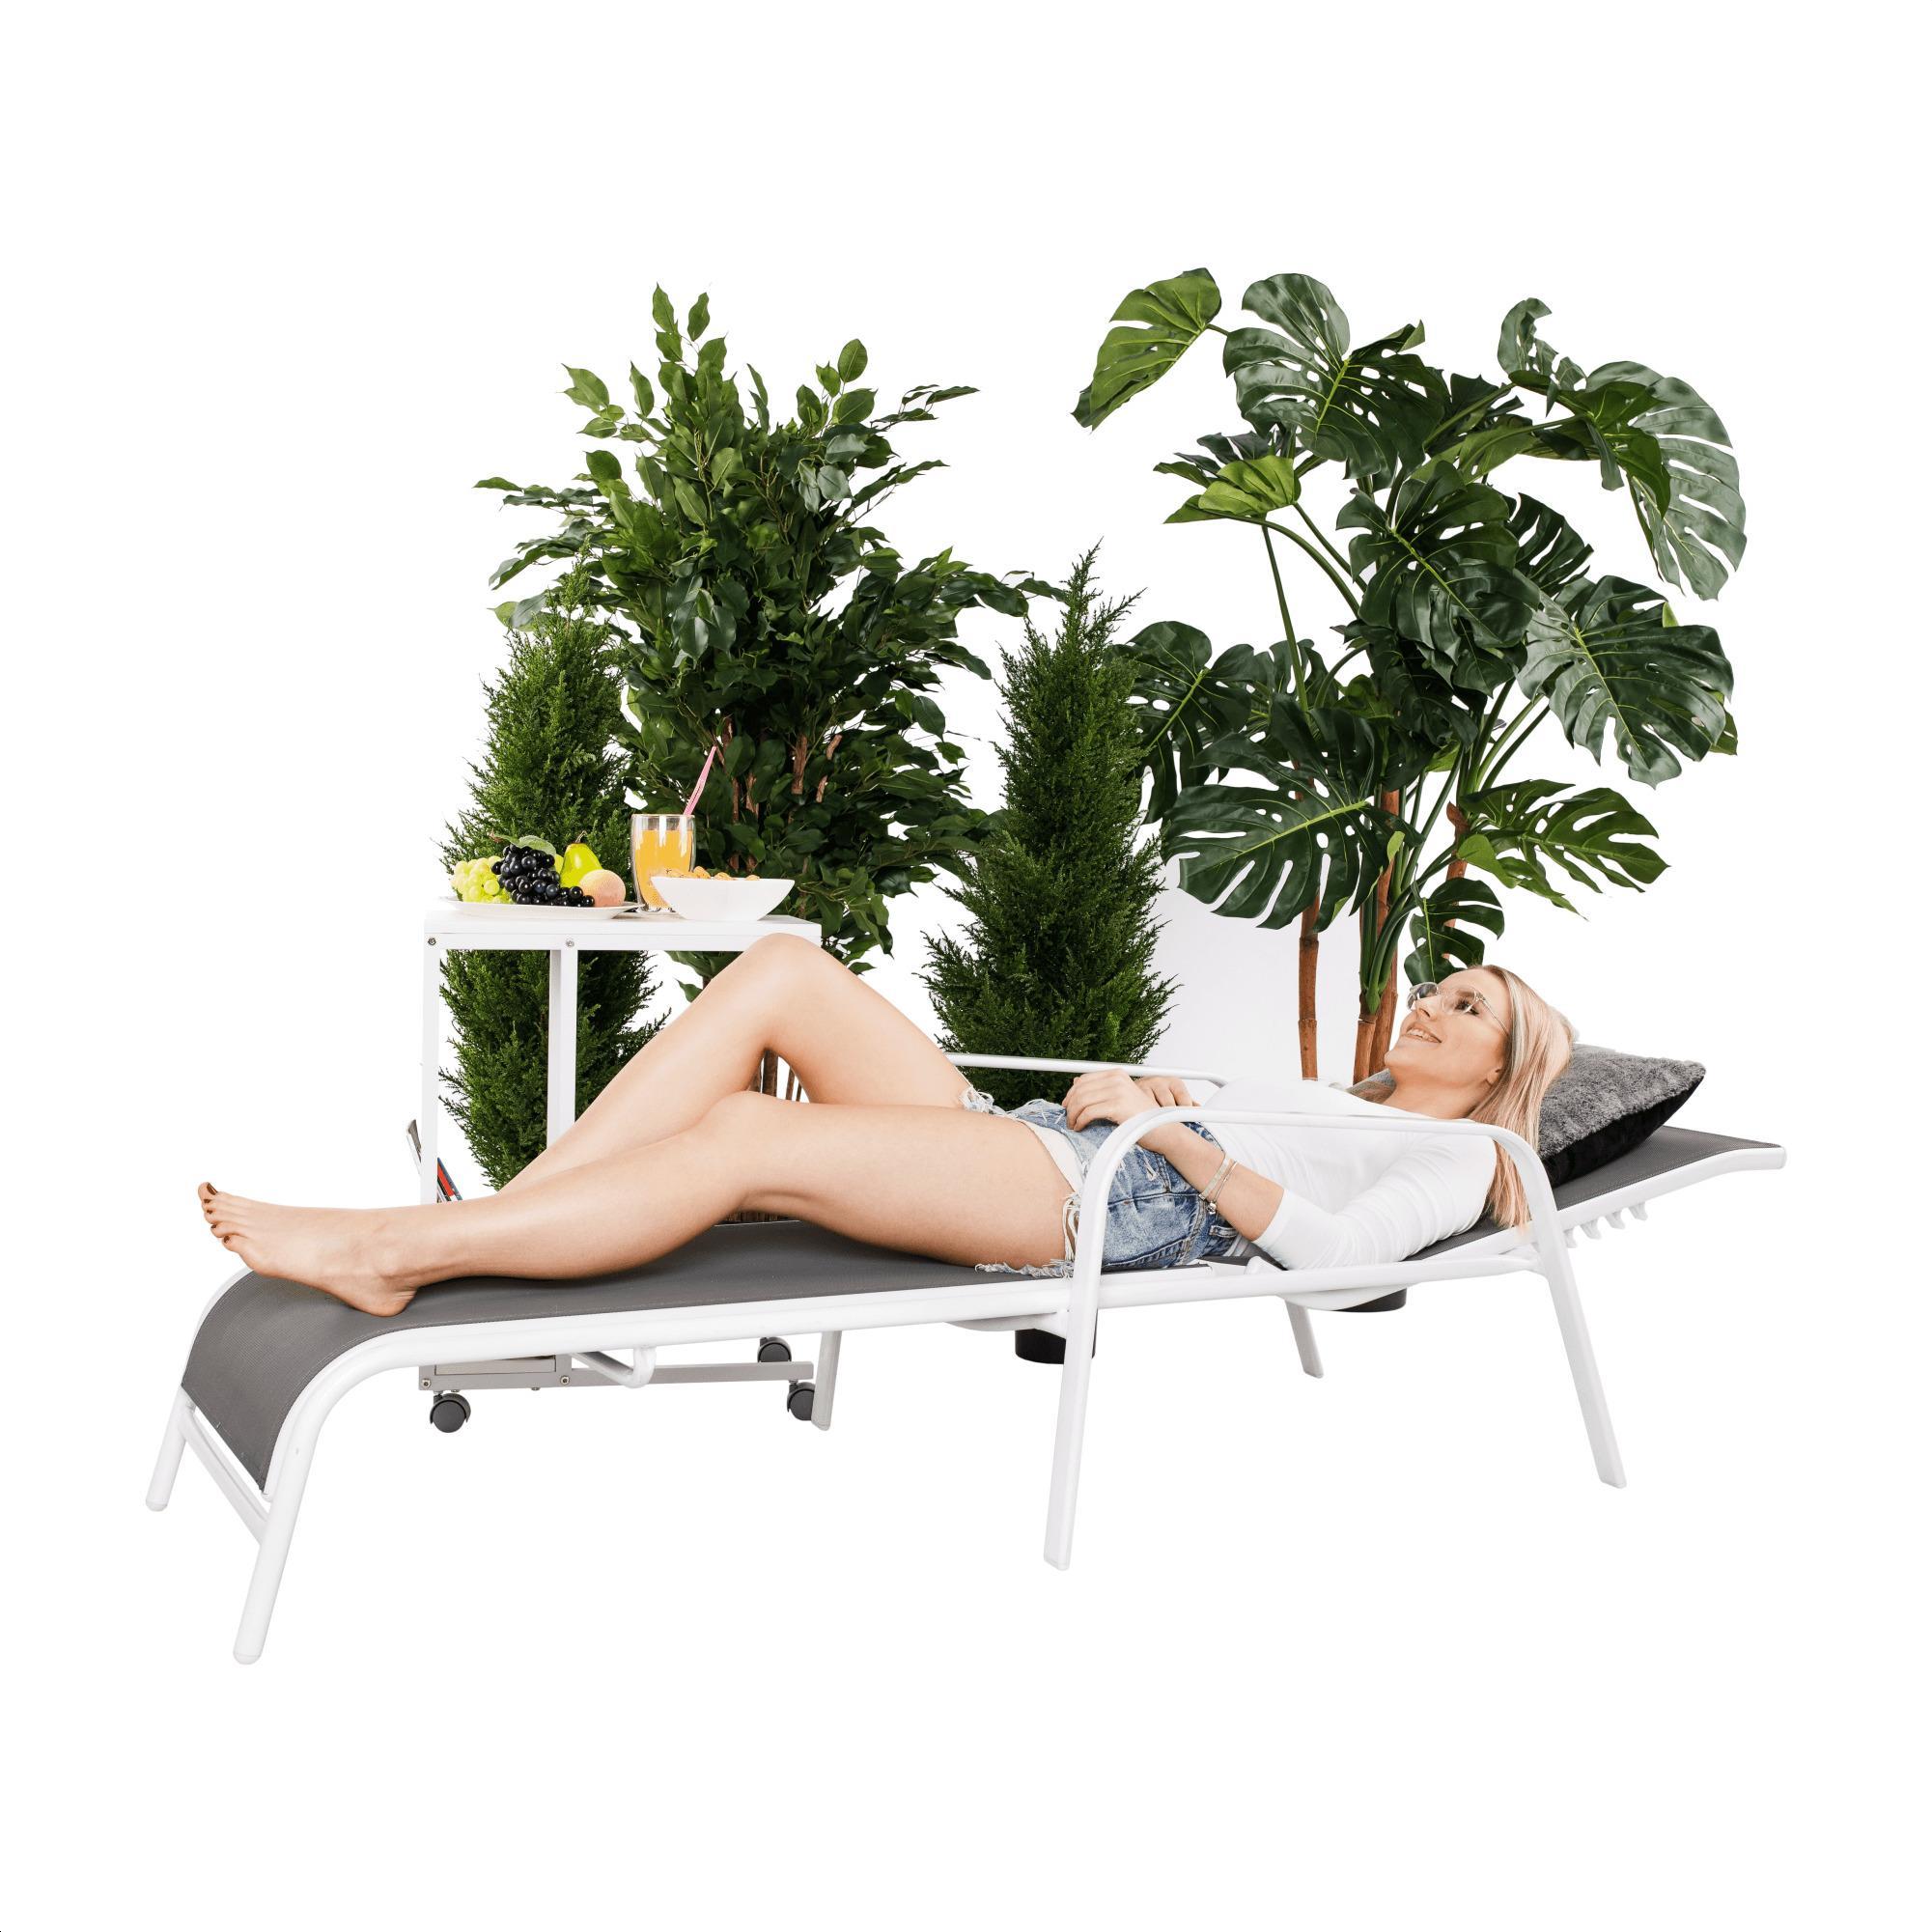 Polohovacie záhradné lehátko, sivá/biela, ATREO